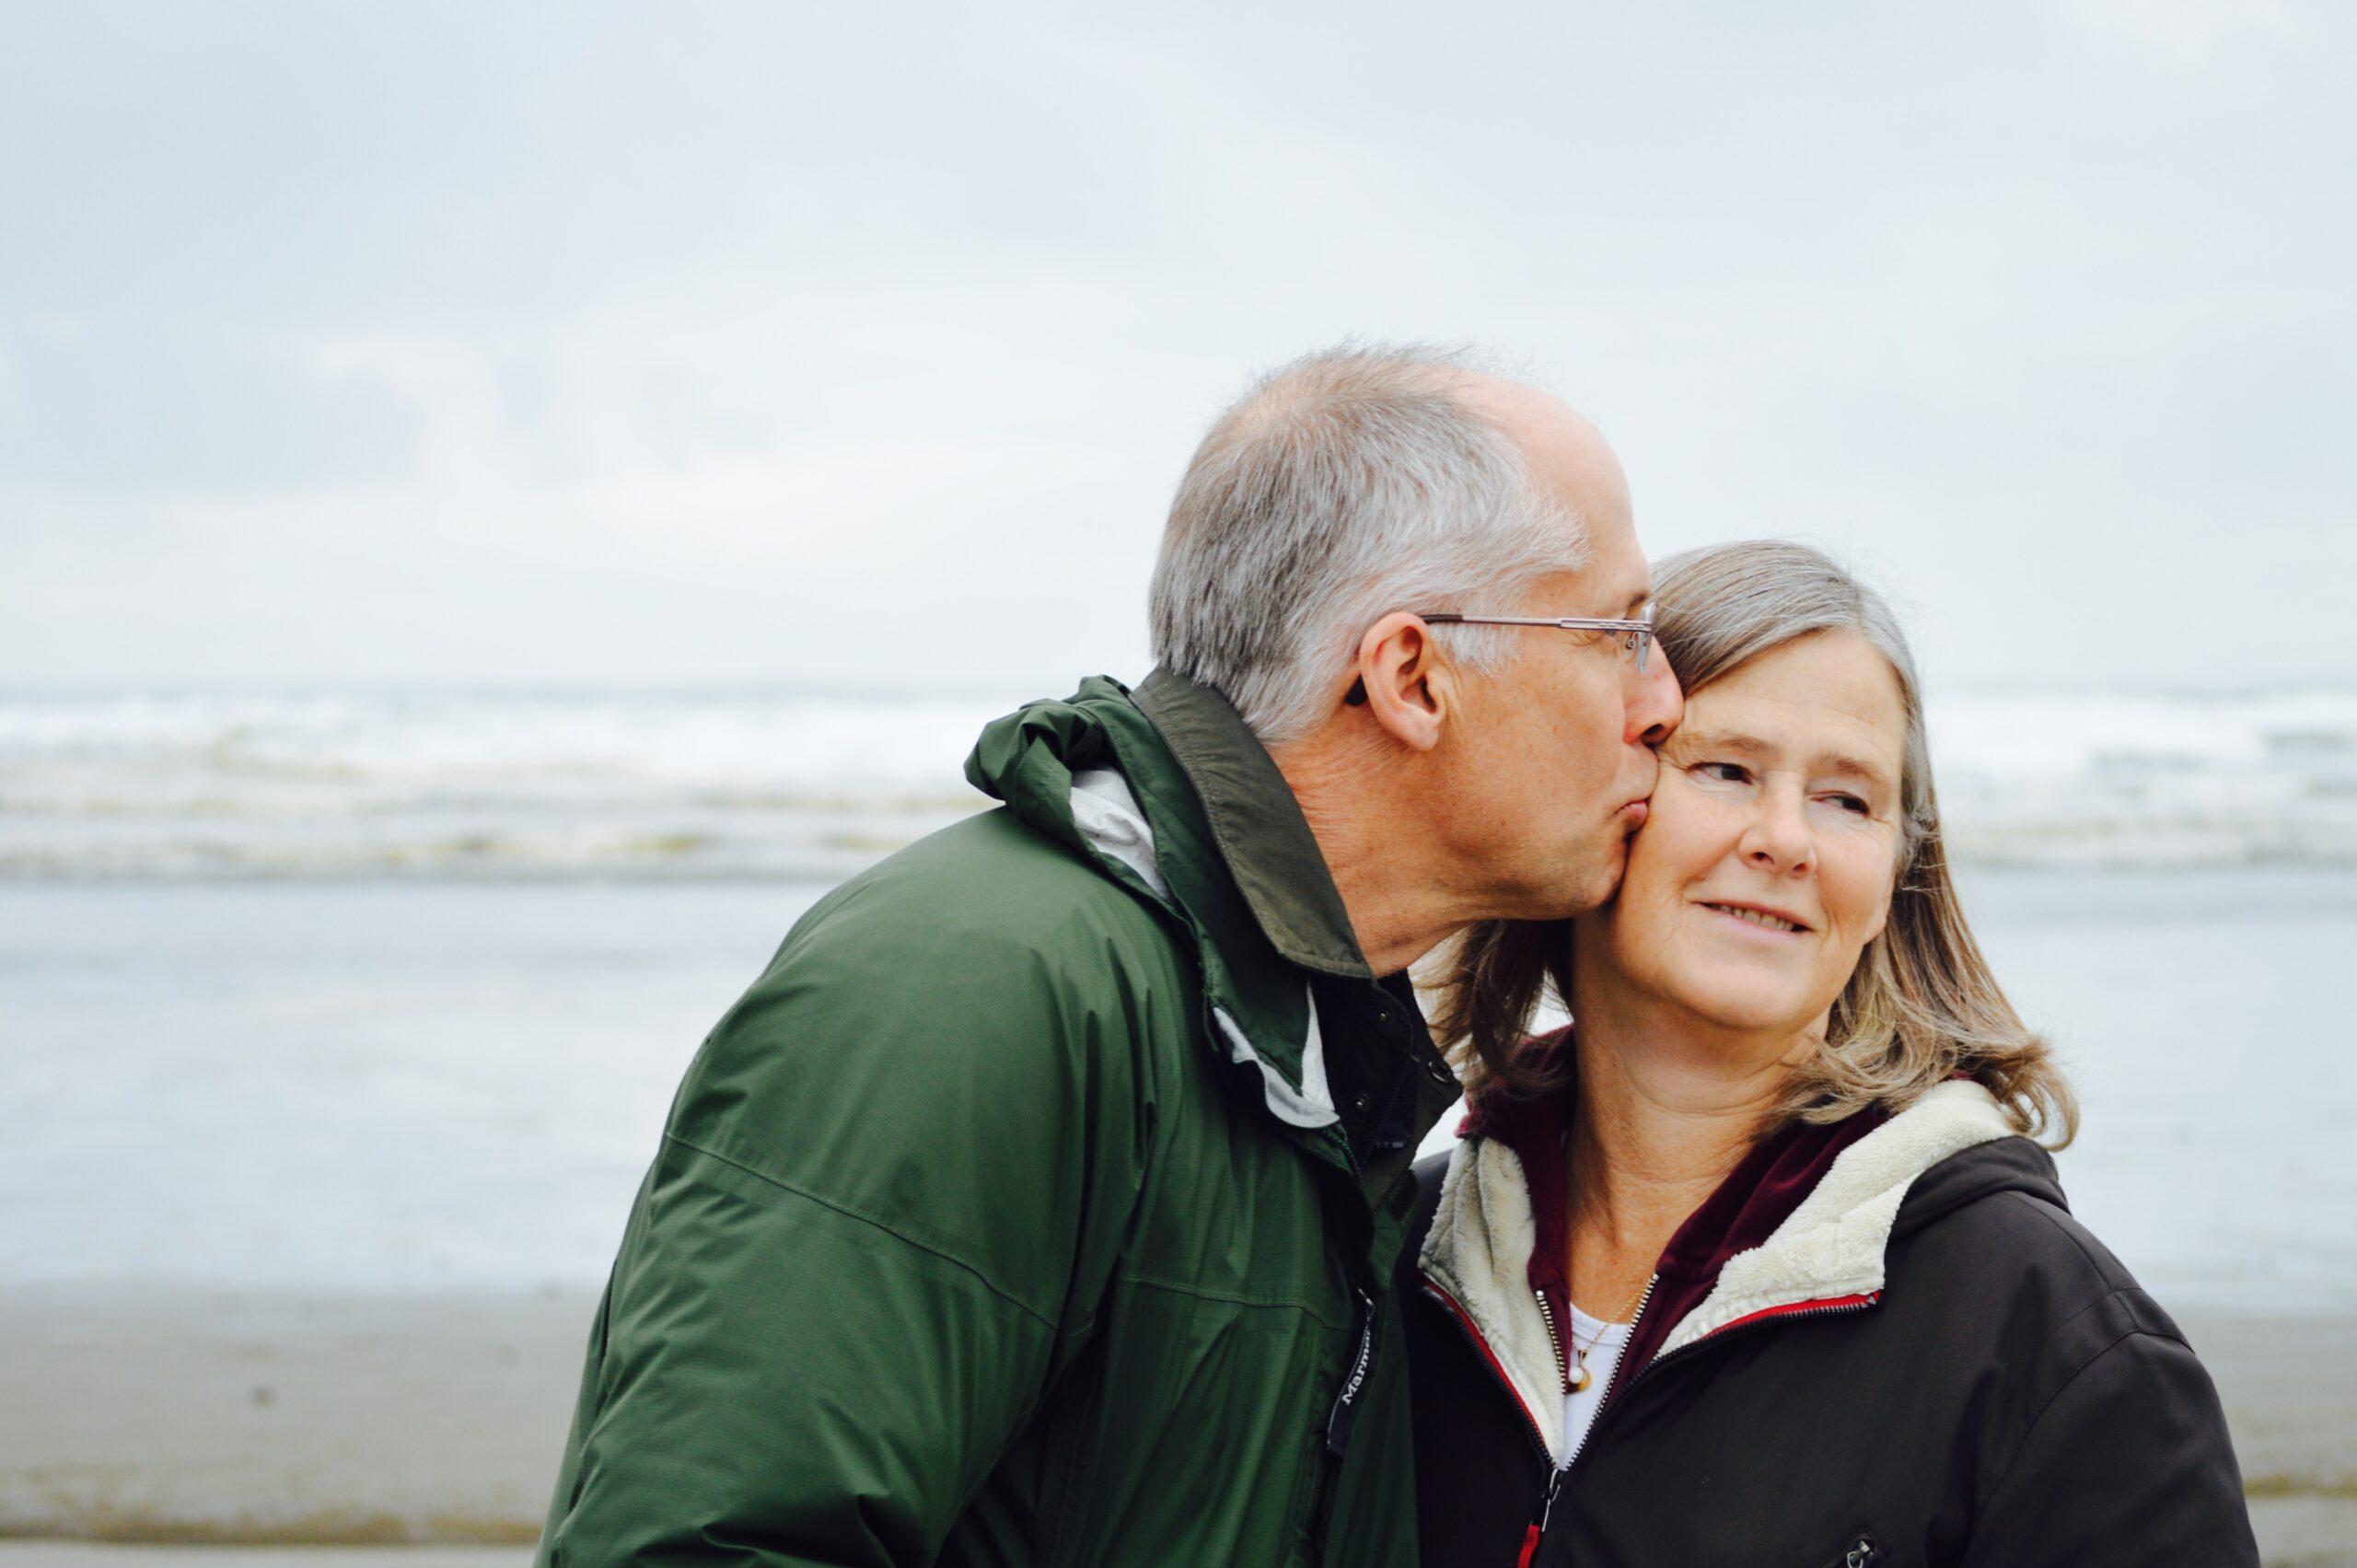 An older smiling couple. Image credit: Esther Ann, Unsplash